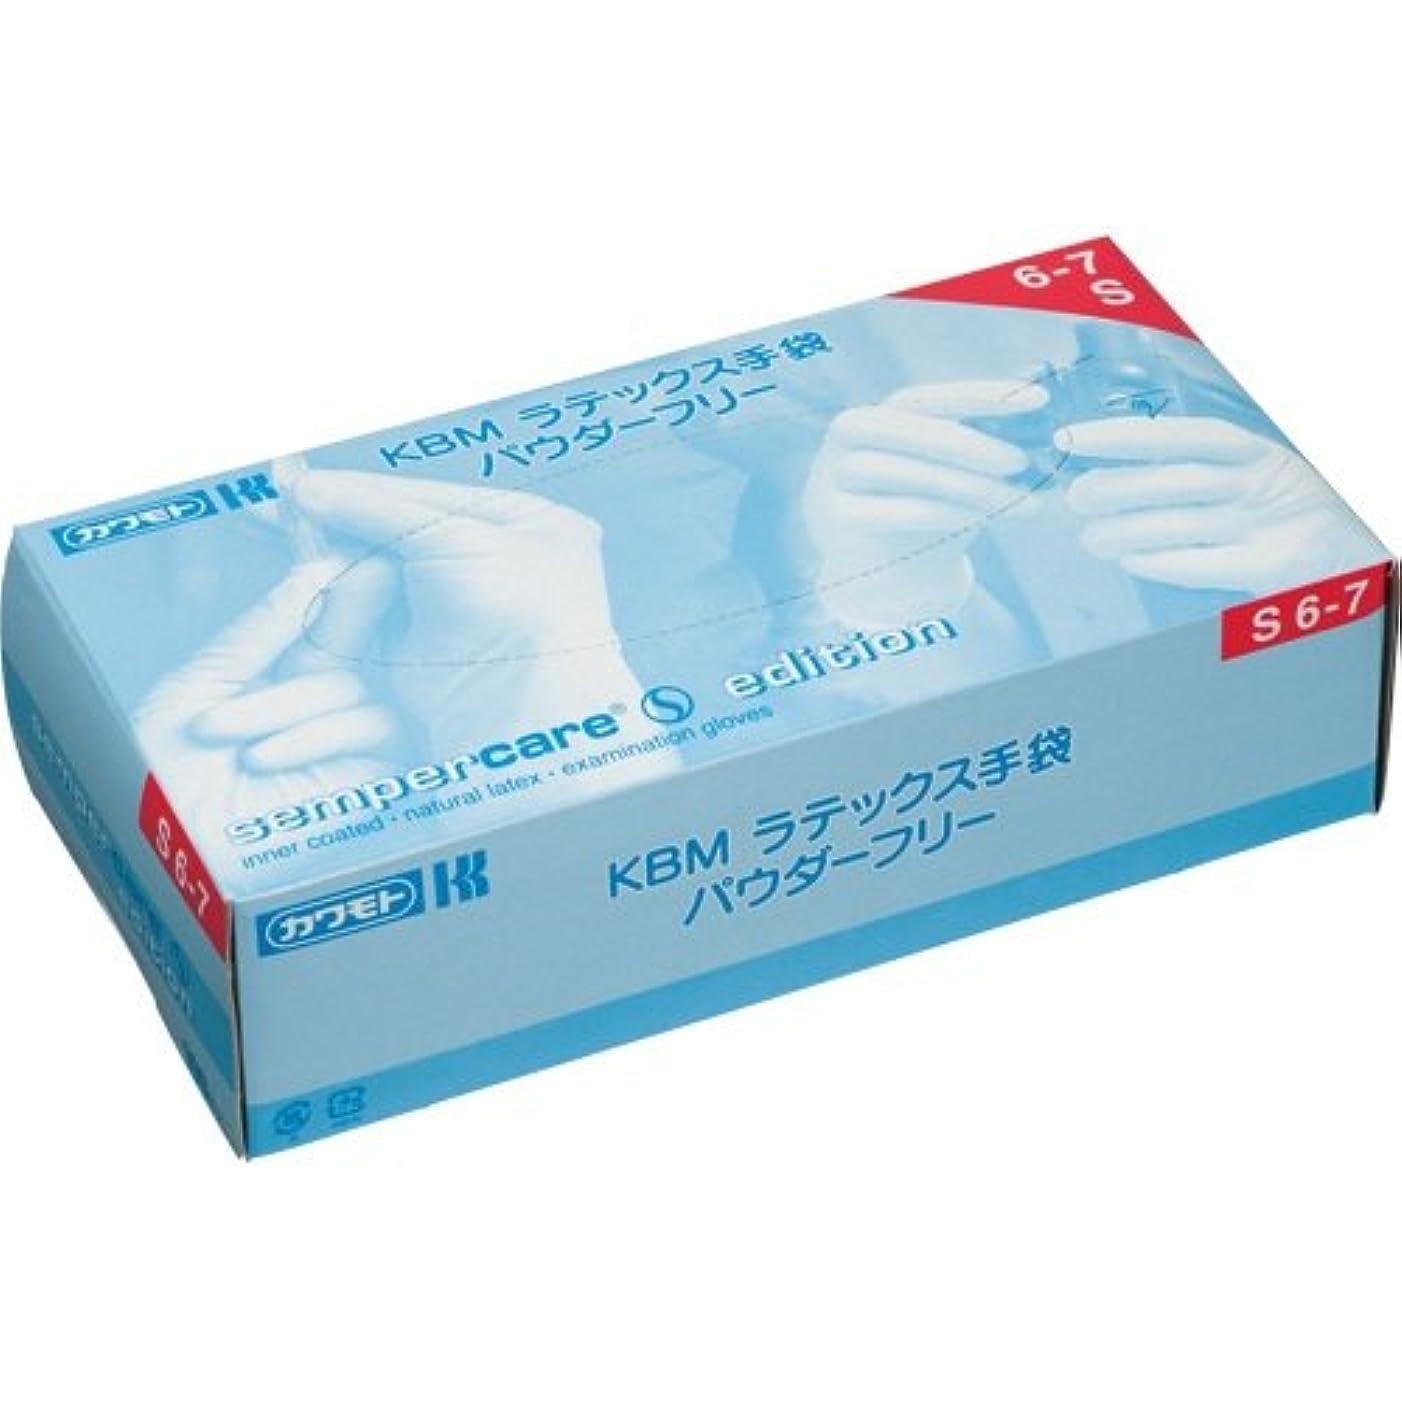 震え重要性祖先カワモト KBM ラテックス手袋 パウダーフリー S 1セット(300枚:100枚×3箱)